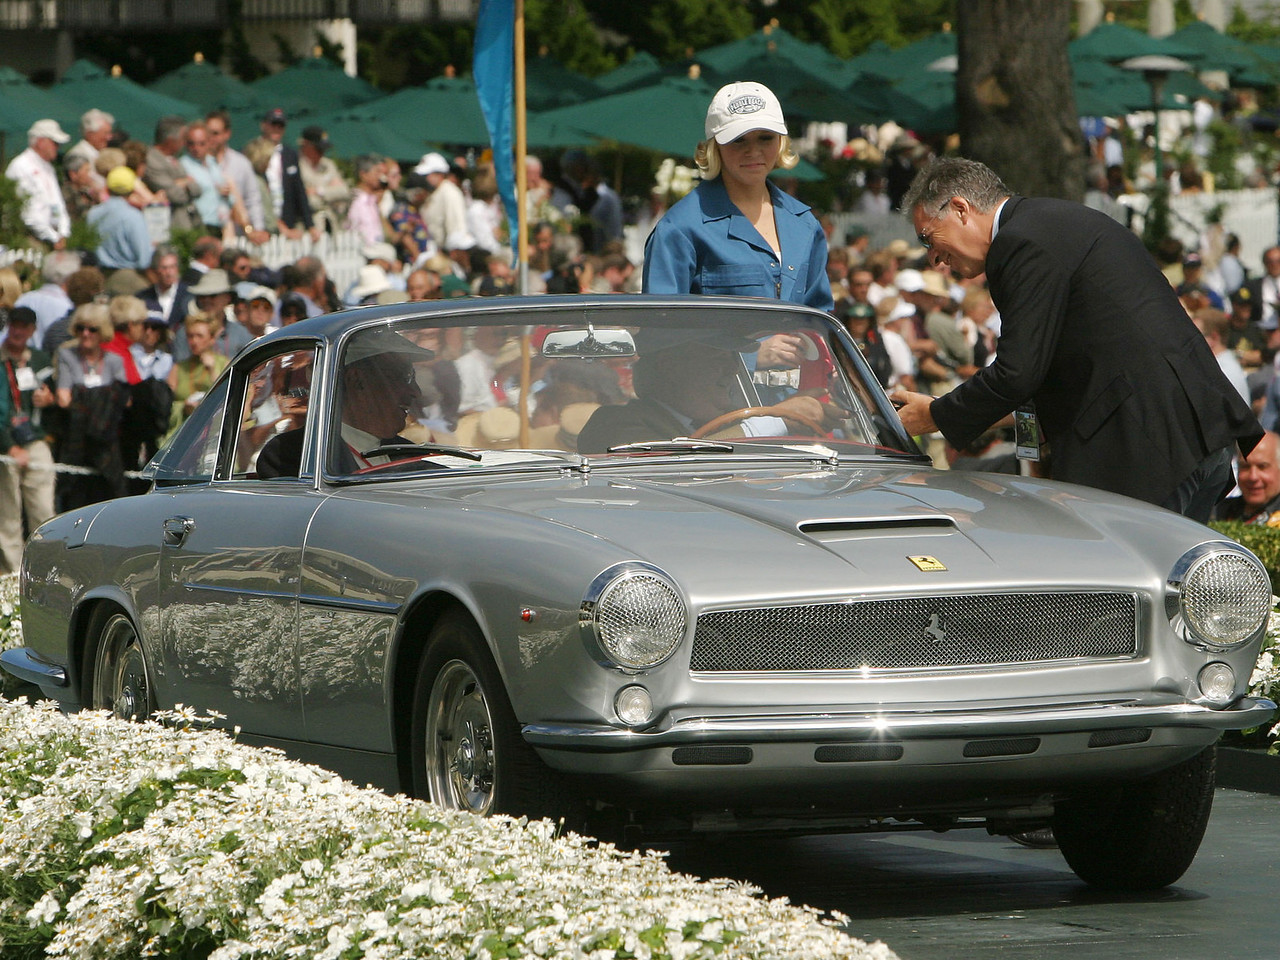 1960 Ferrari 250 GT SWB Bertone Coupe Speciale. 2nd Ferrari Speciale Closed.  Caballeriza Collection.